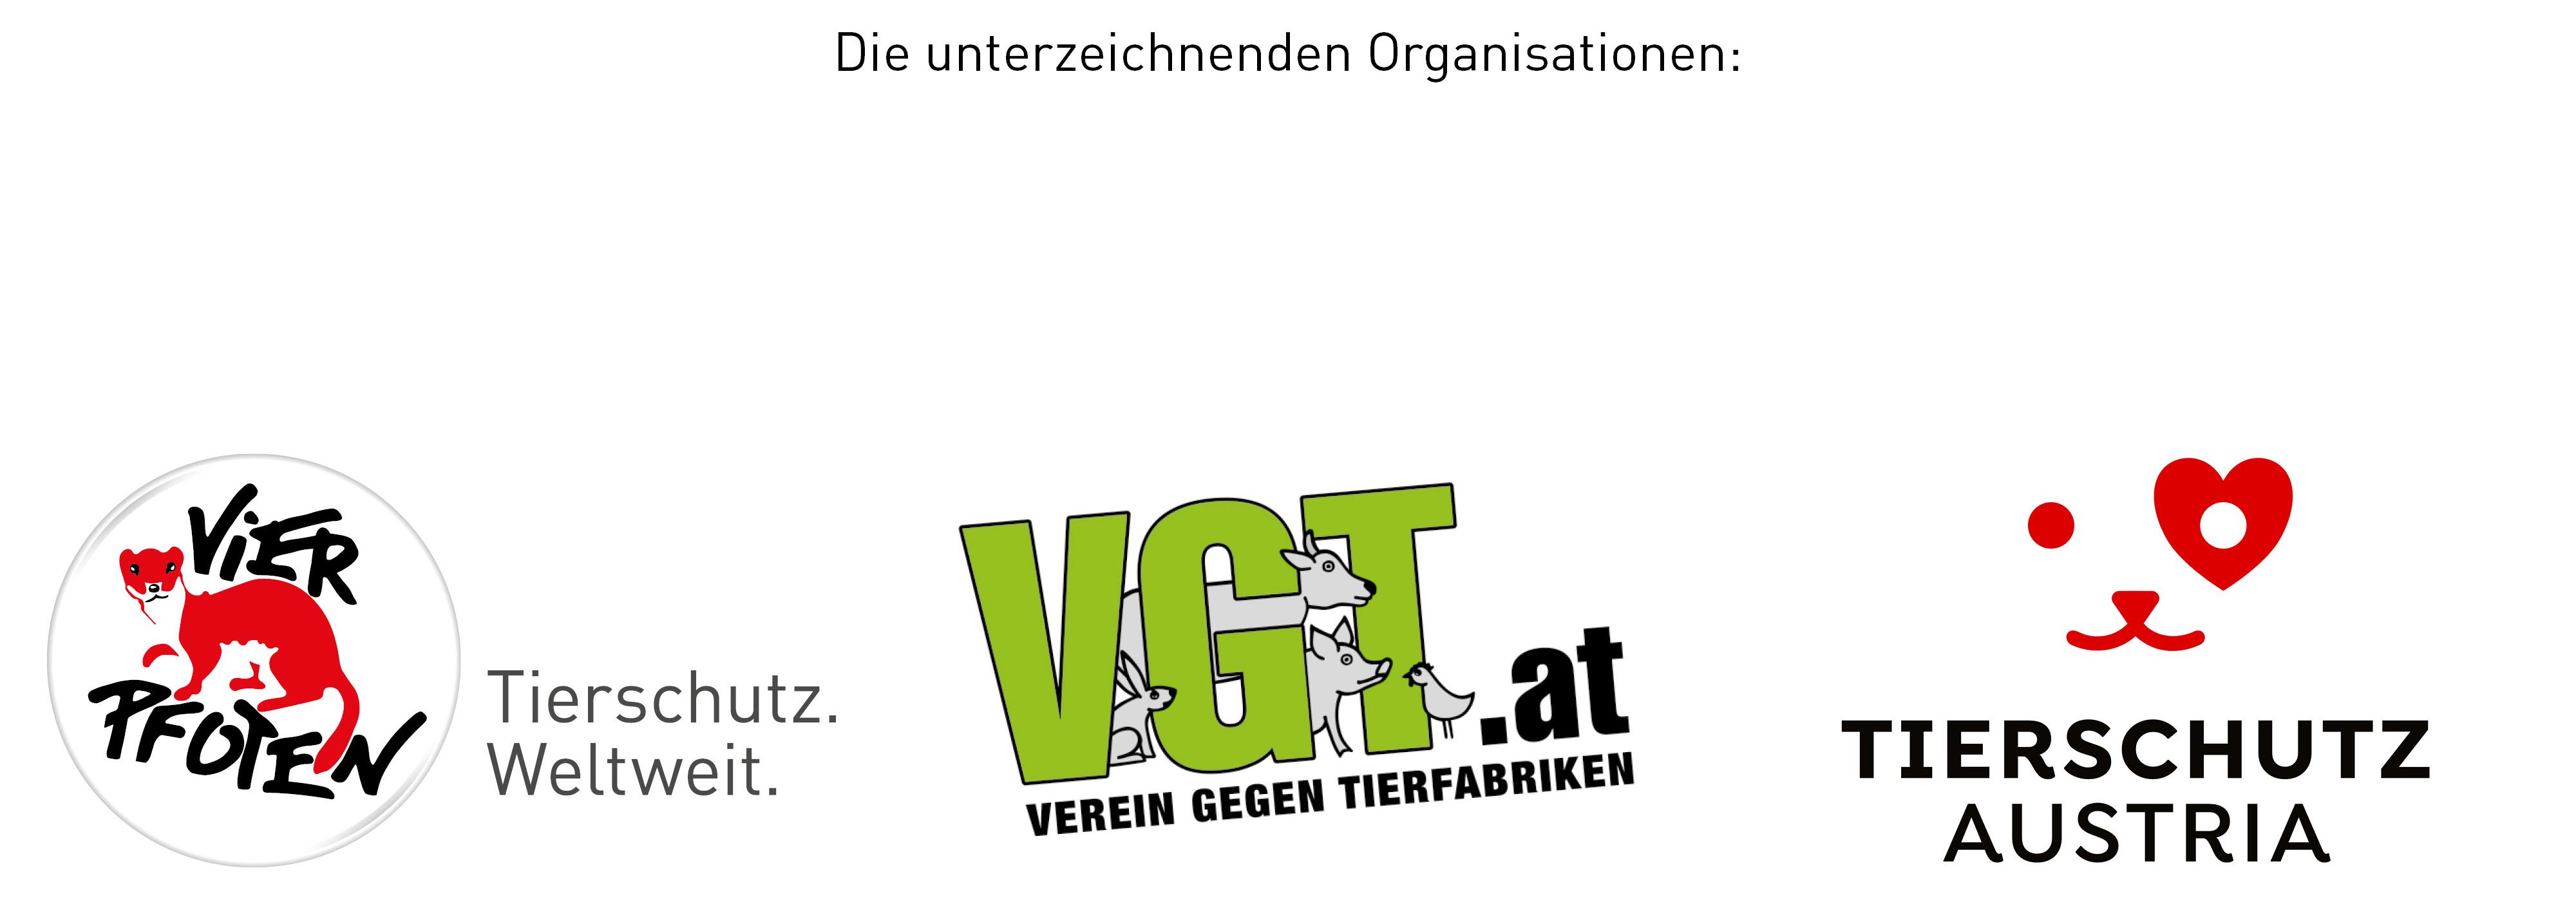 VIER PFOTEN, VGT und Tierschutz Austria Logos 2021